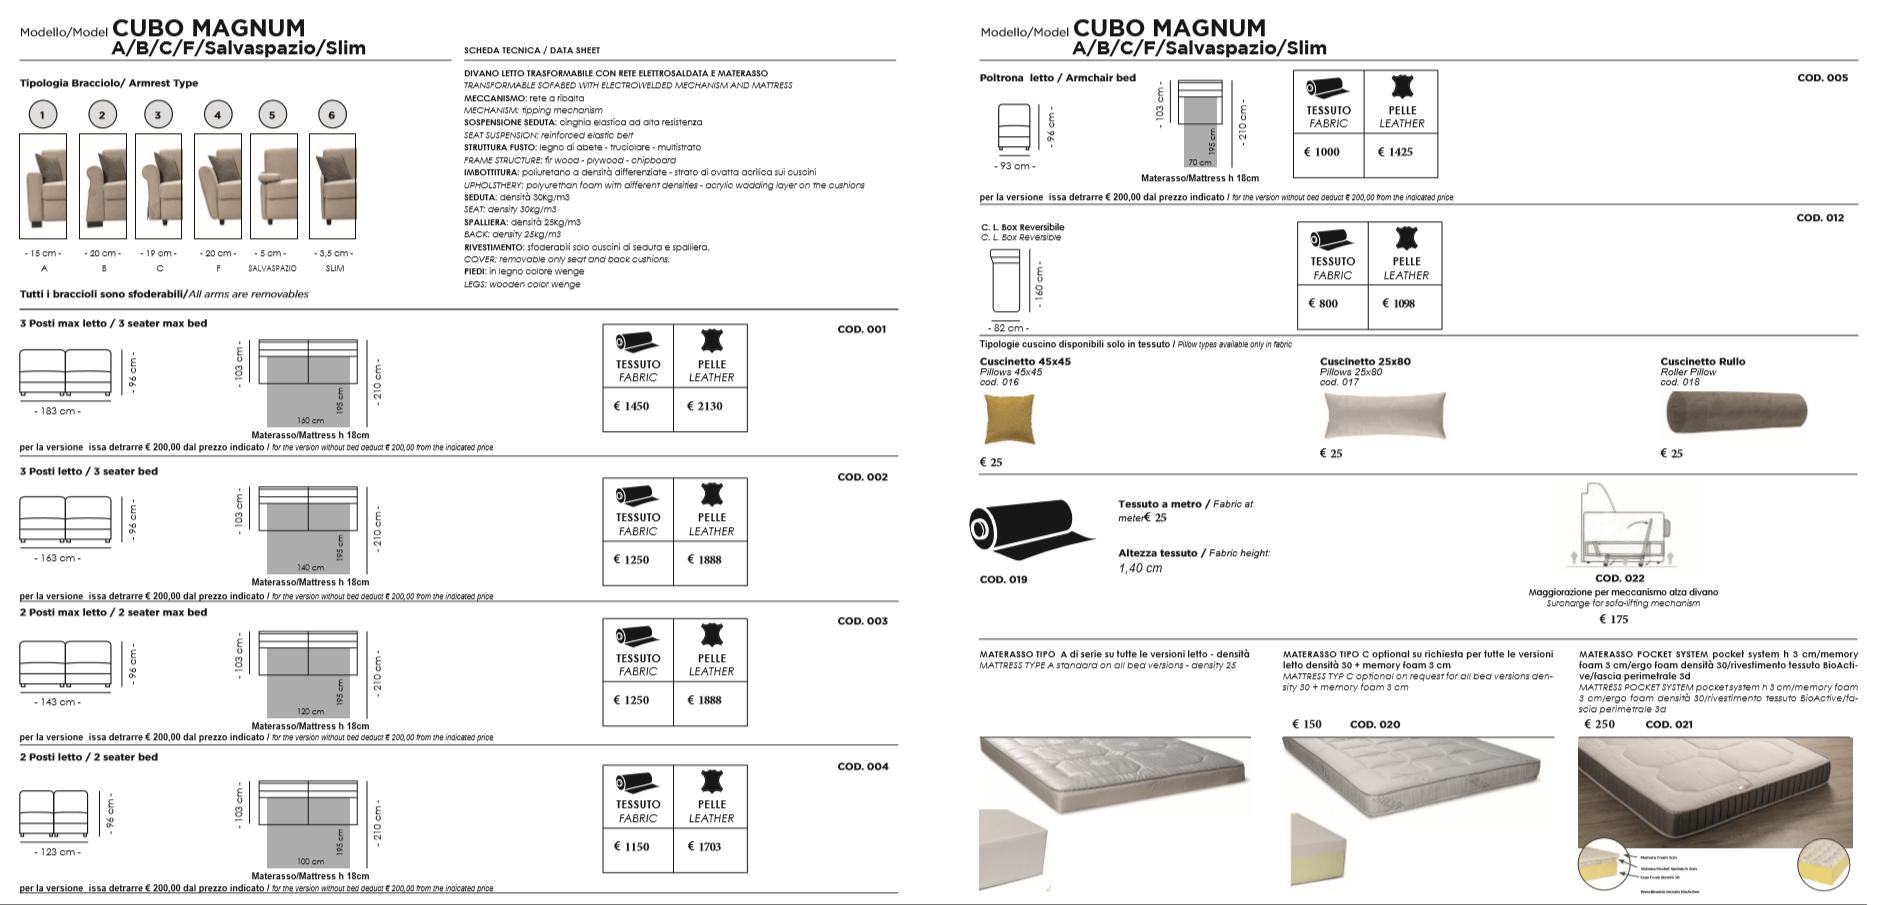 cubo-magnum-sofoss-specifikacija